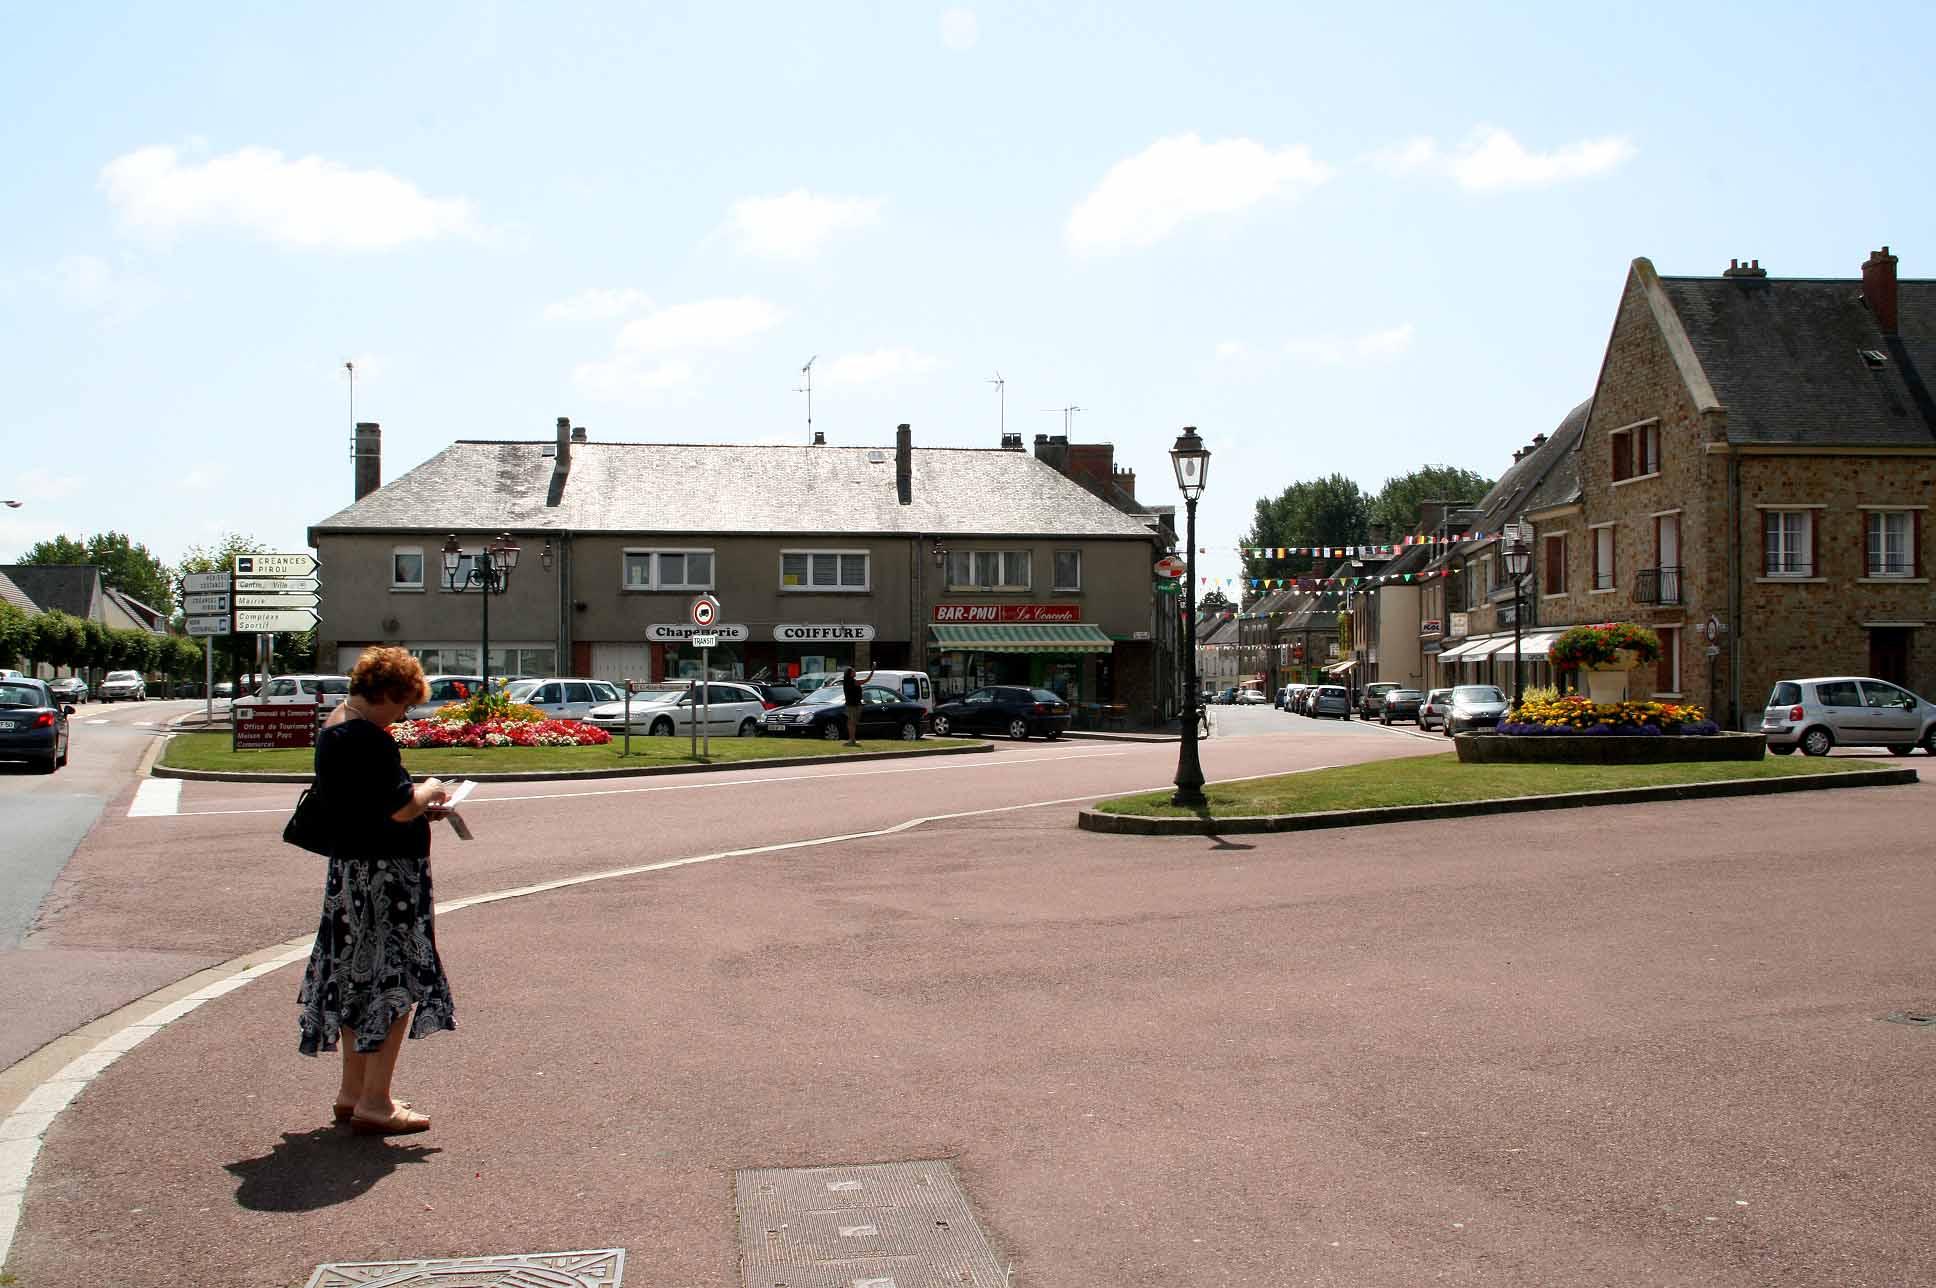 http://www.communes.com/images/orig/basse-normandie/manche/lessay_50430/Lessay_39437_Vers-le-centre-ville-de-Lessay.jpg